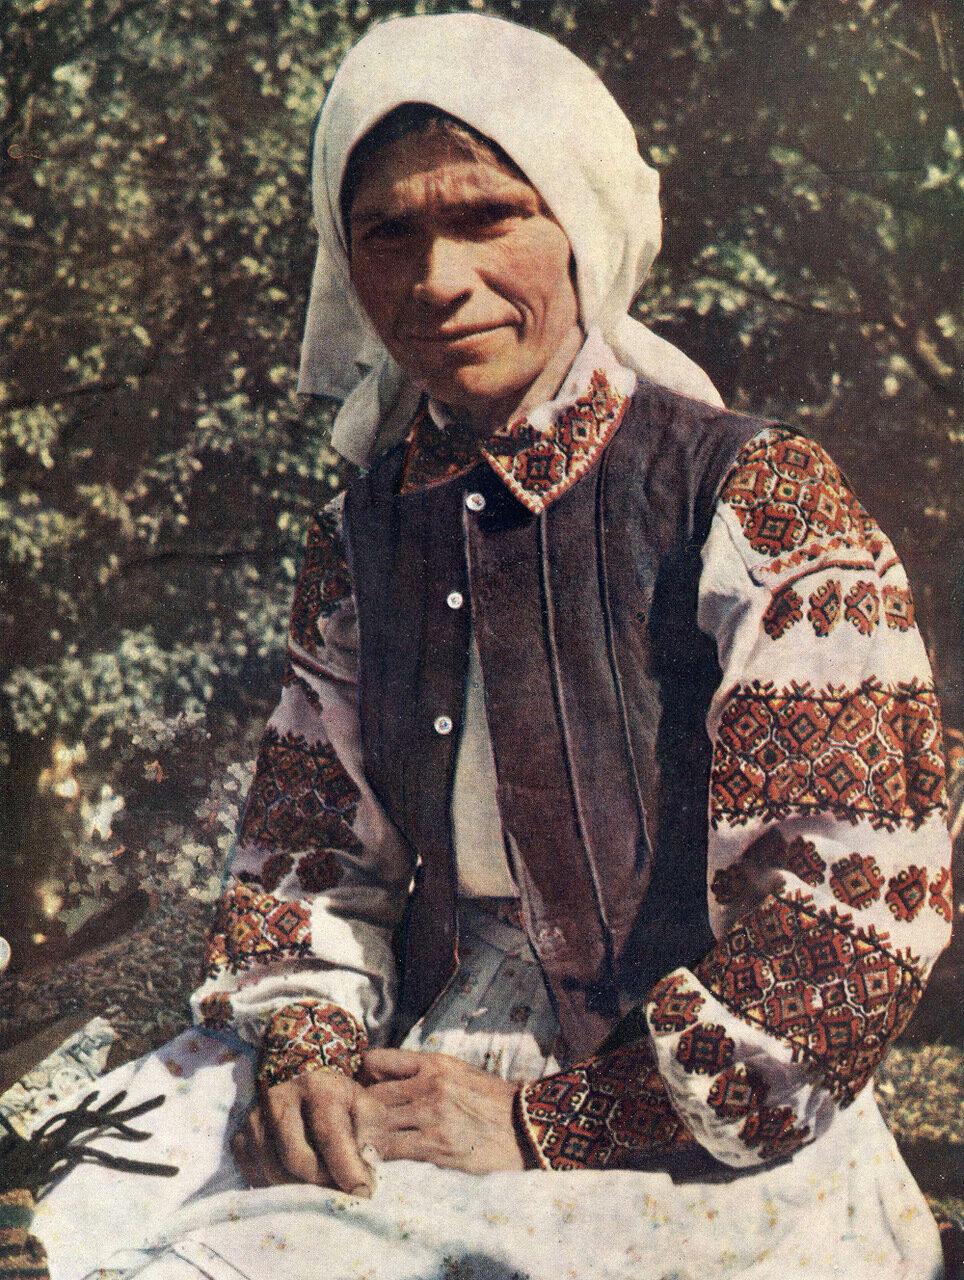 Пожилая женщина в повседневной одежде. Львовская обл.